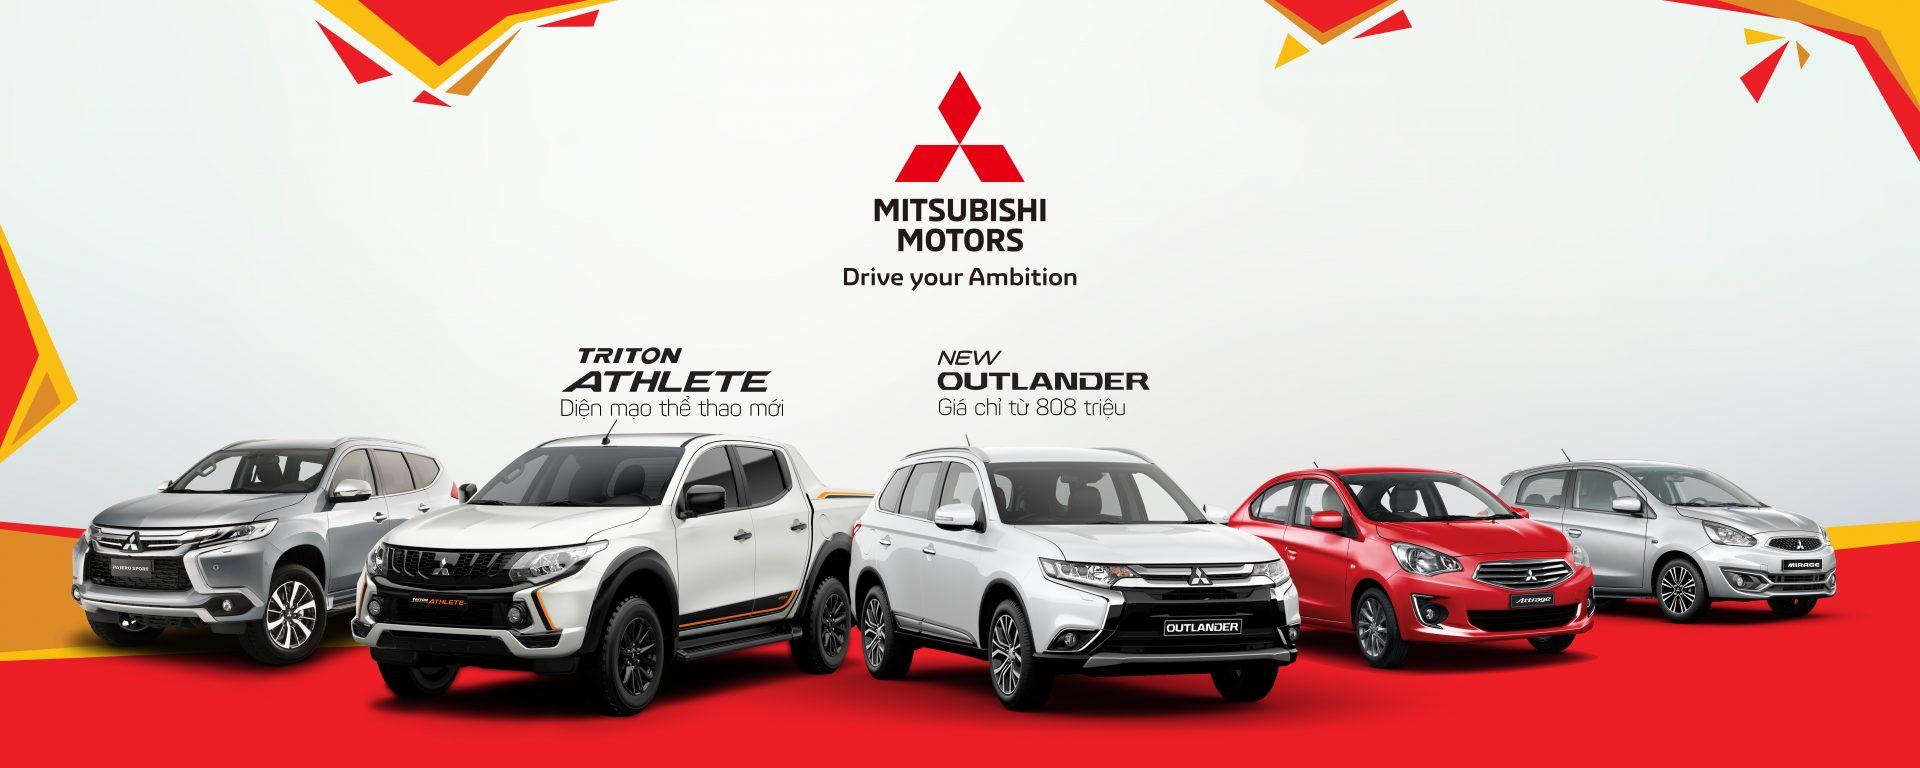 Lịch bảo dưỡng định kỳ xe ô tô Mitsubishi